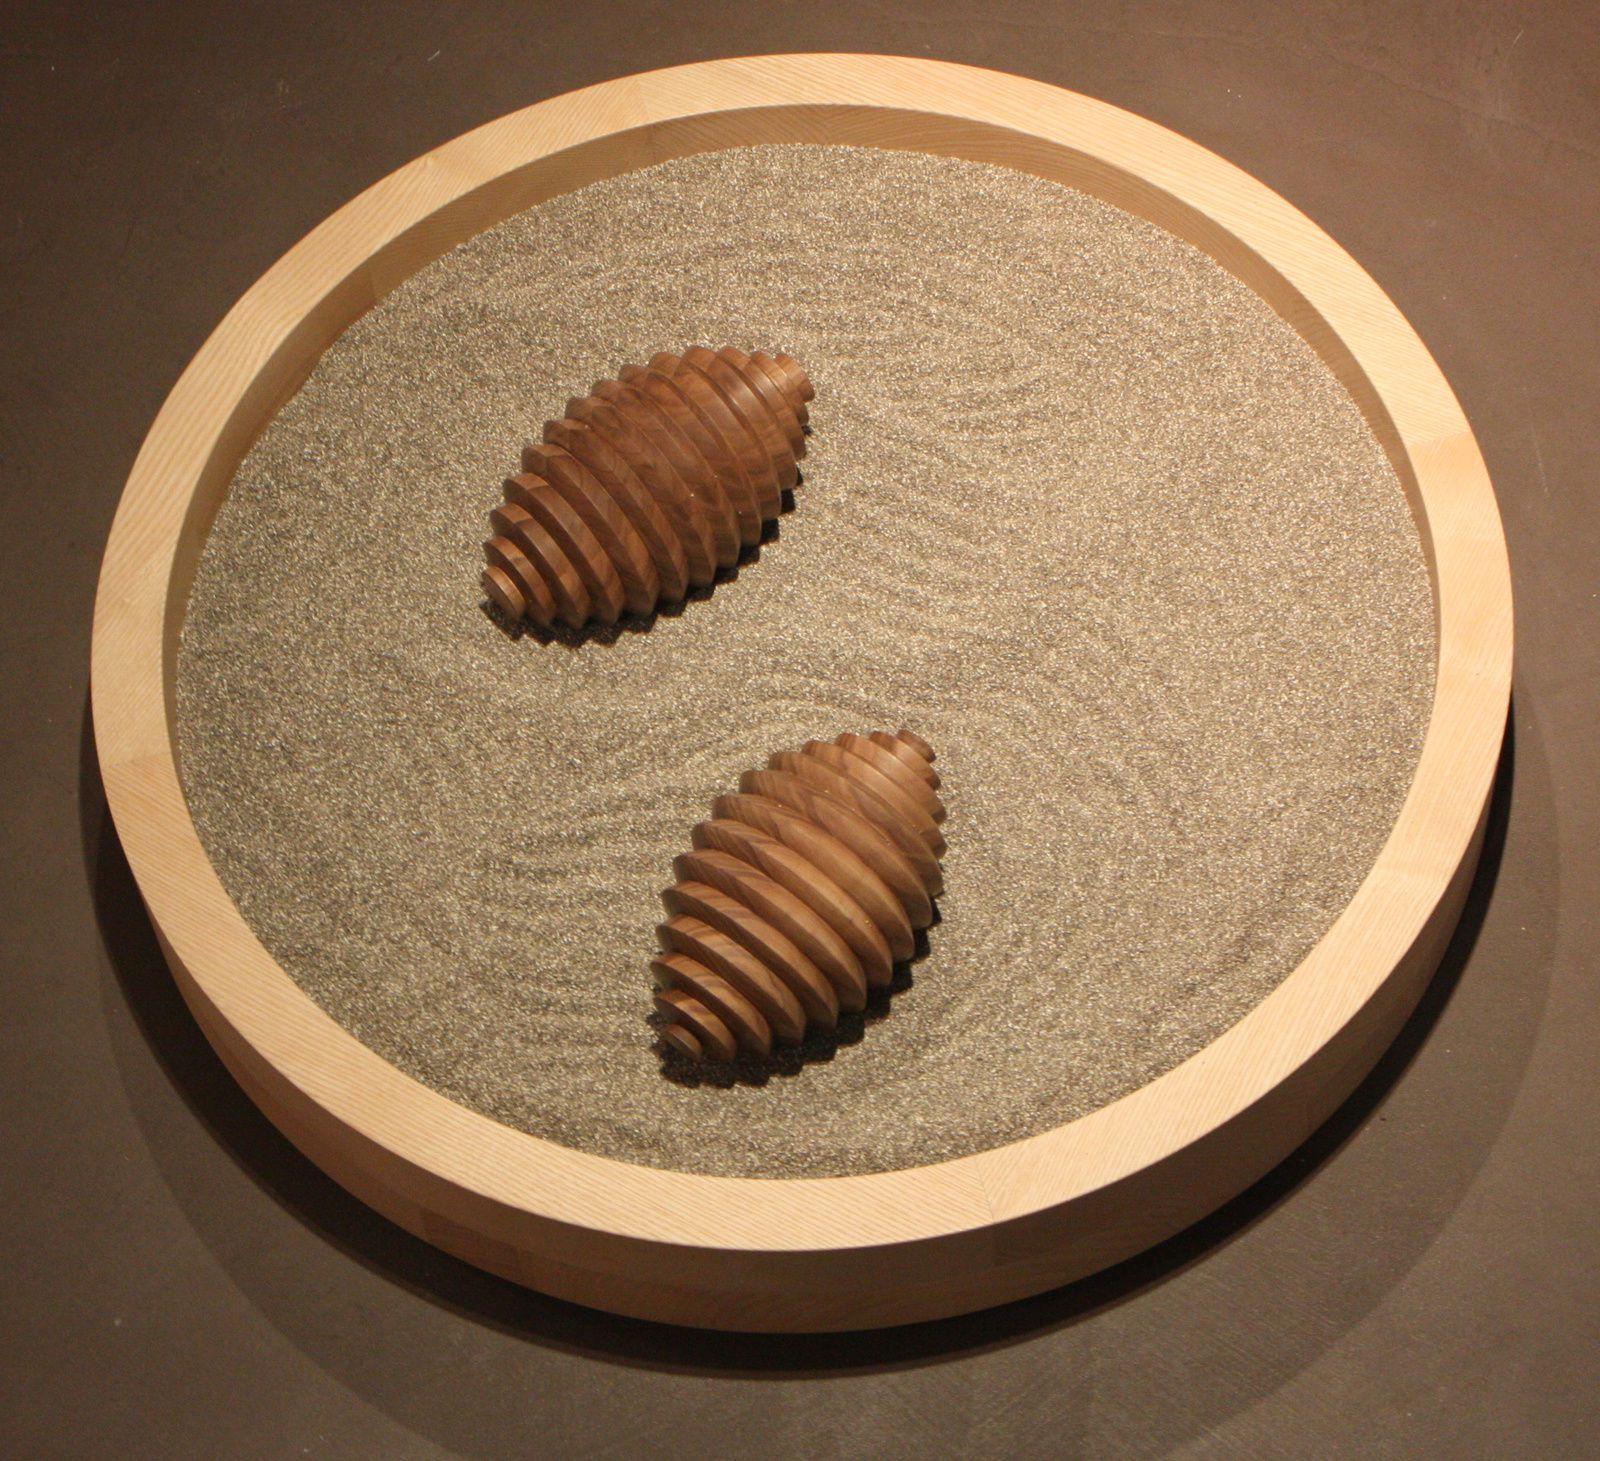 Jumeaux, noyer noir d'Amérique, frêne, sable, 2013